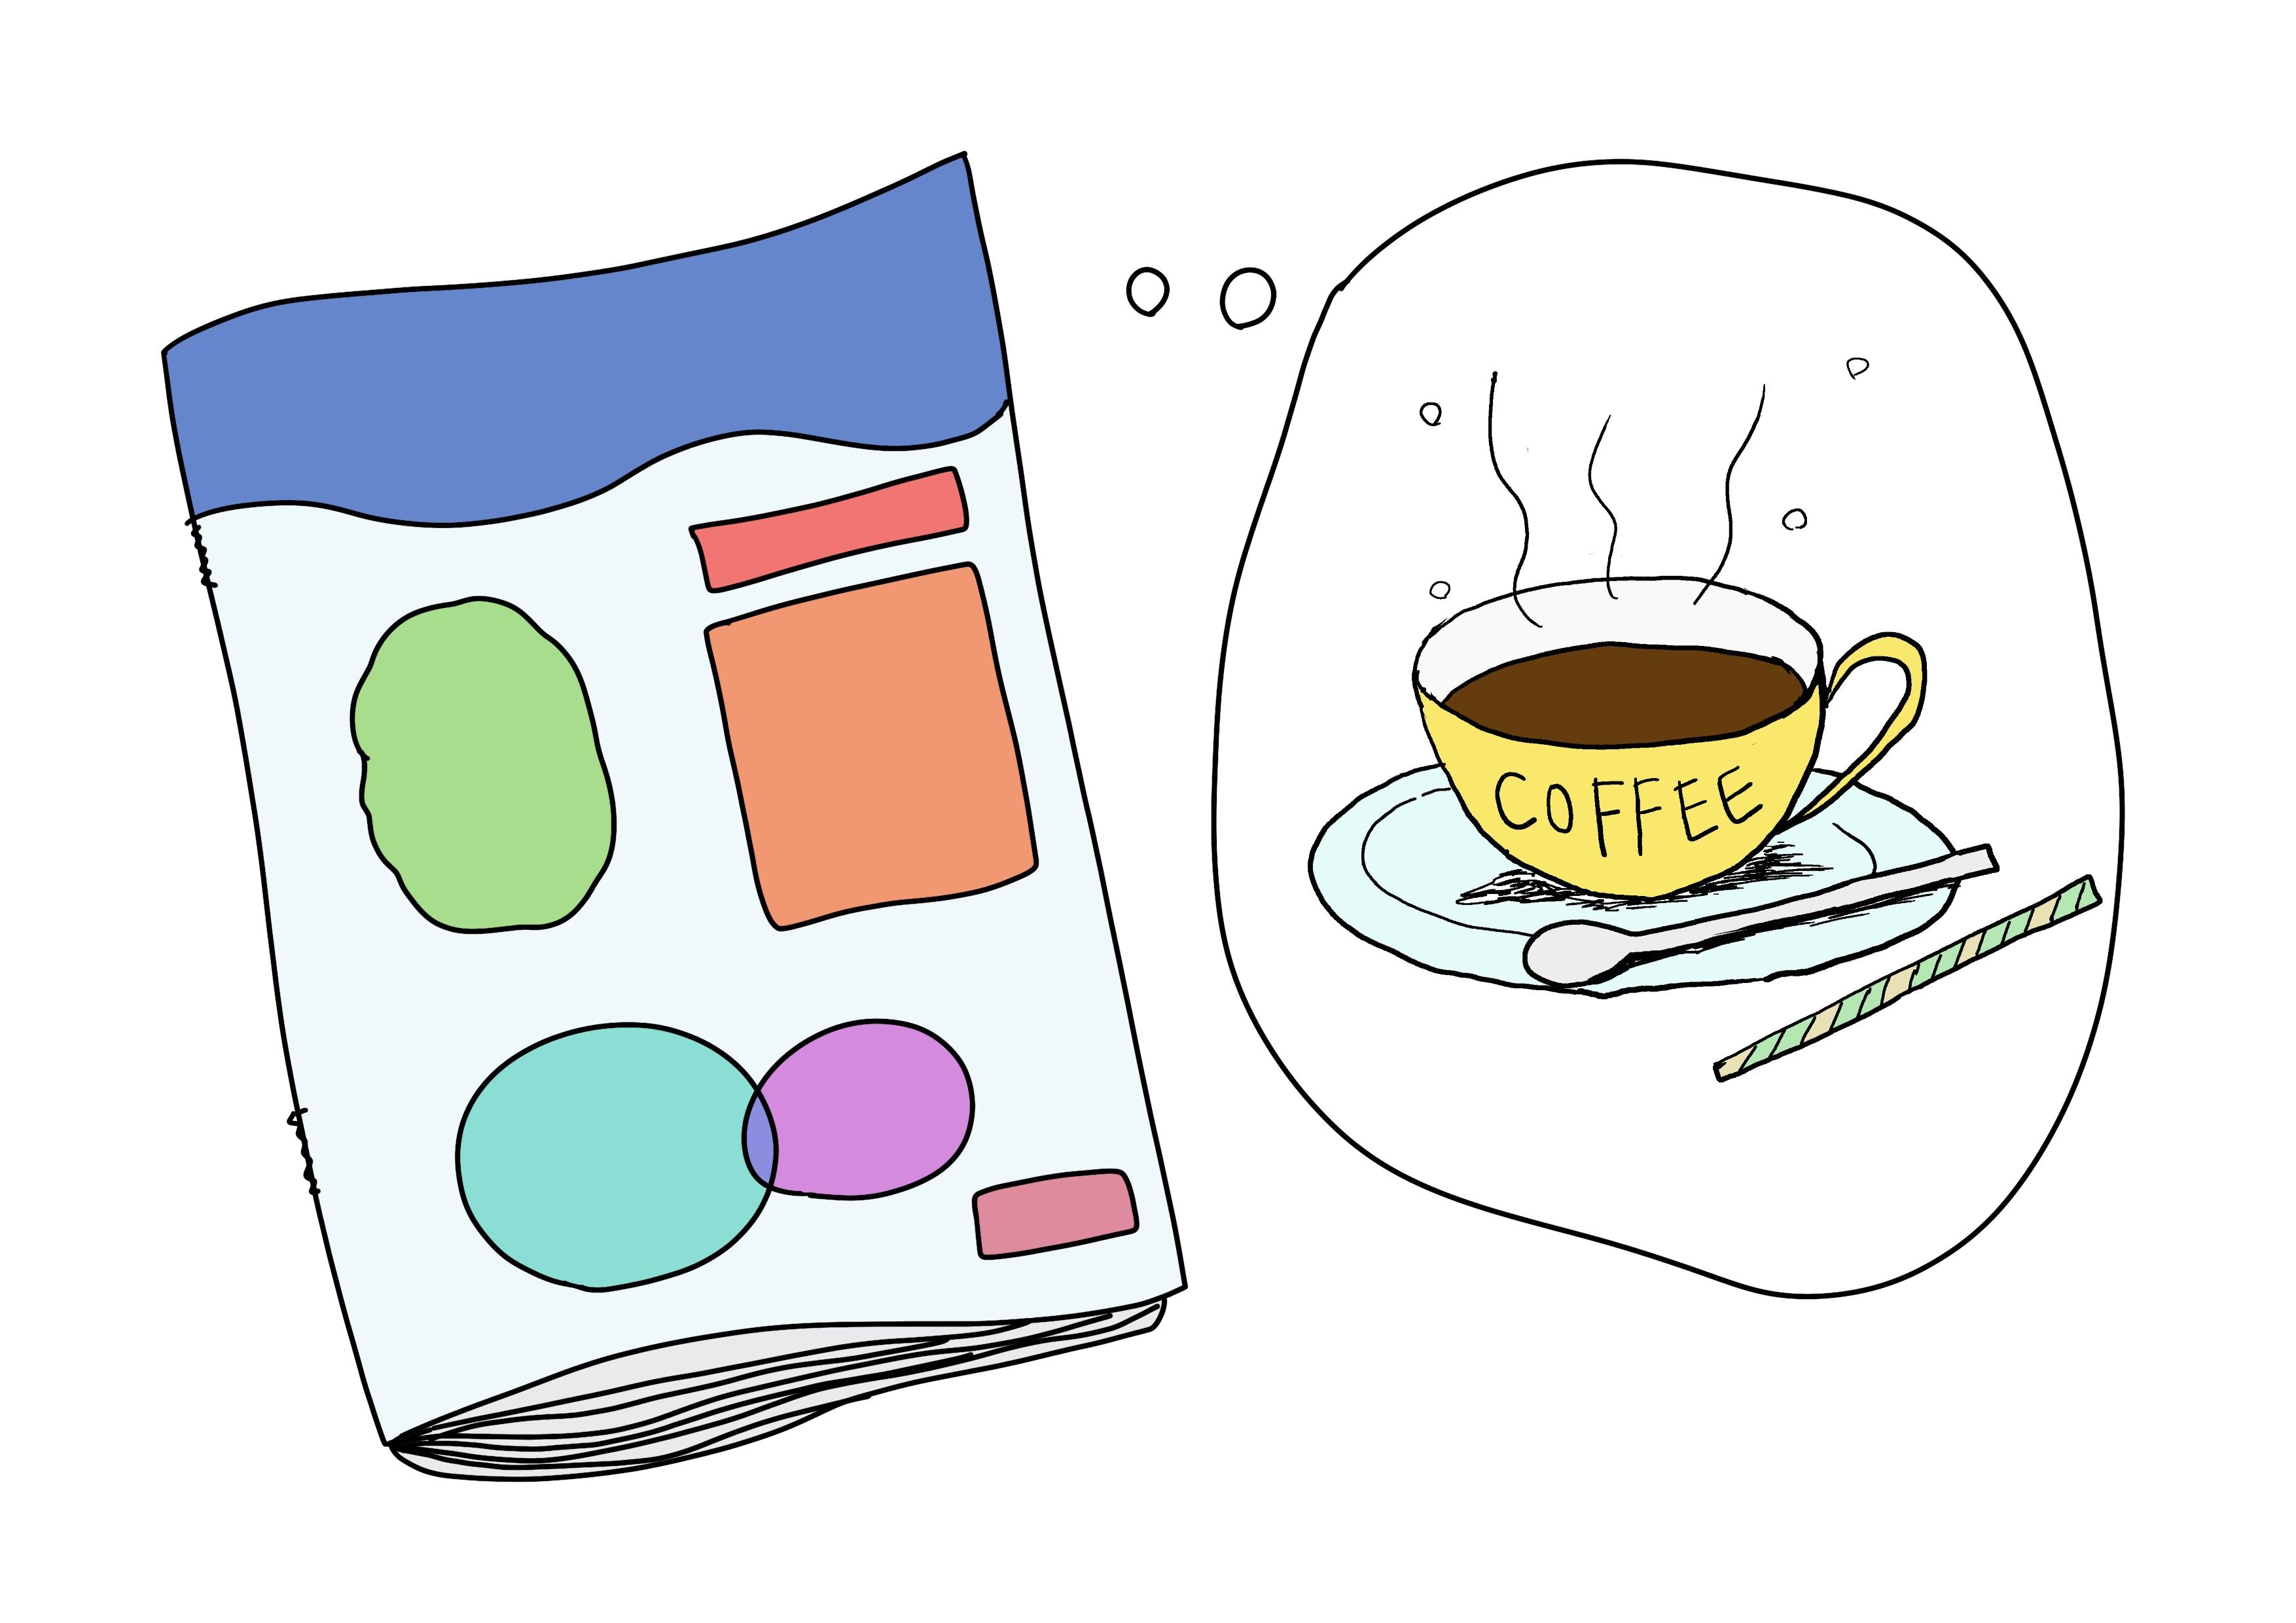 2課イラスト【コーヒーの雑誌】